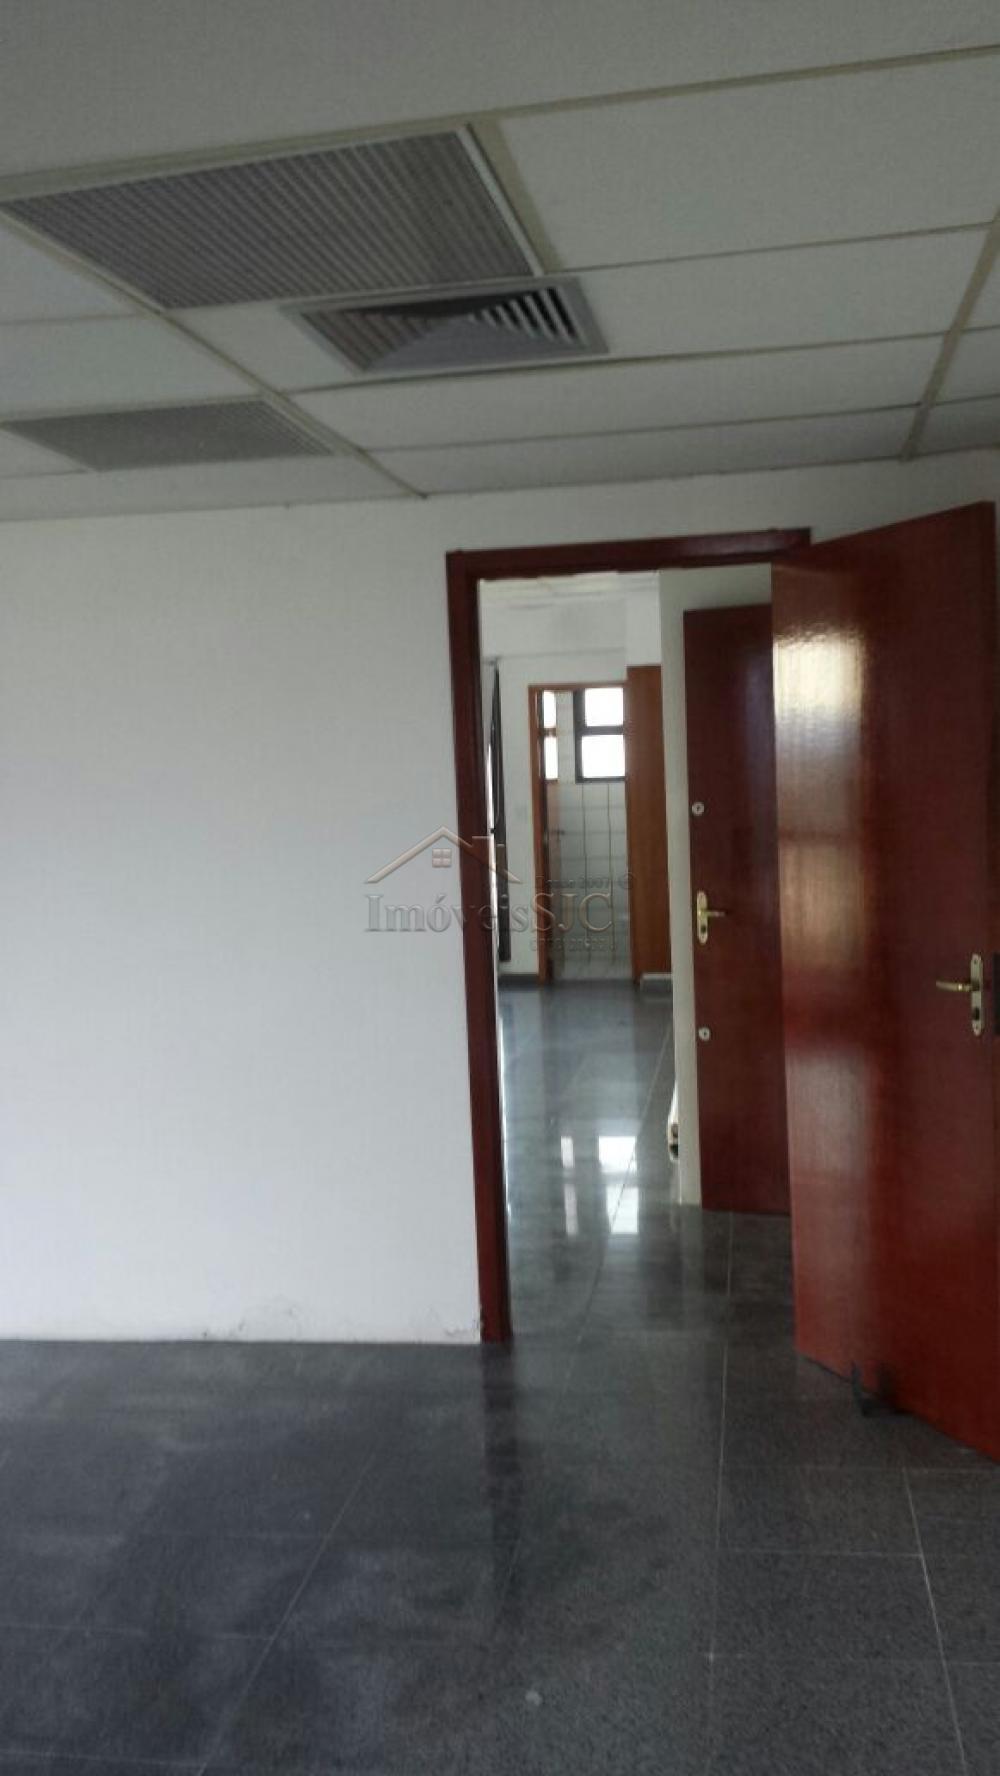 Alugar Comerciais / Sala em São José dos Campos apenas R$ 2.900,00 - Foto 14